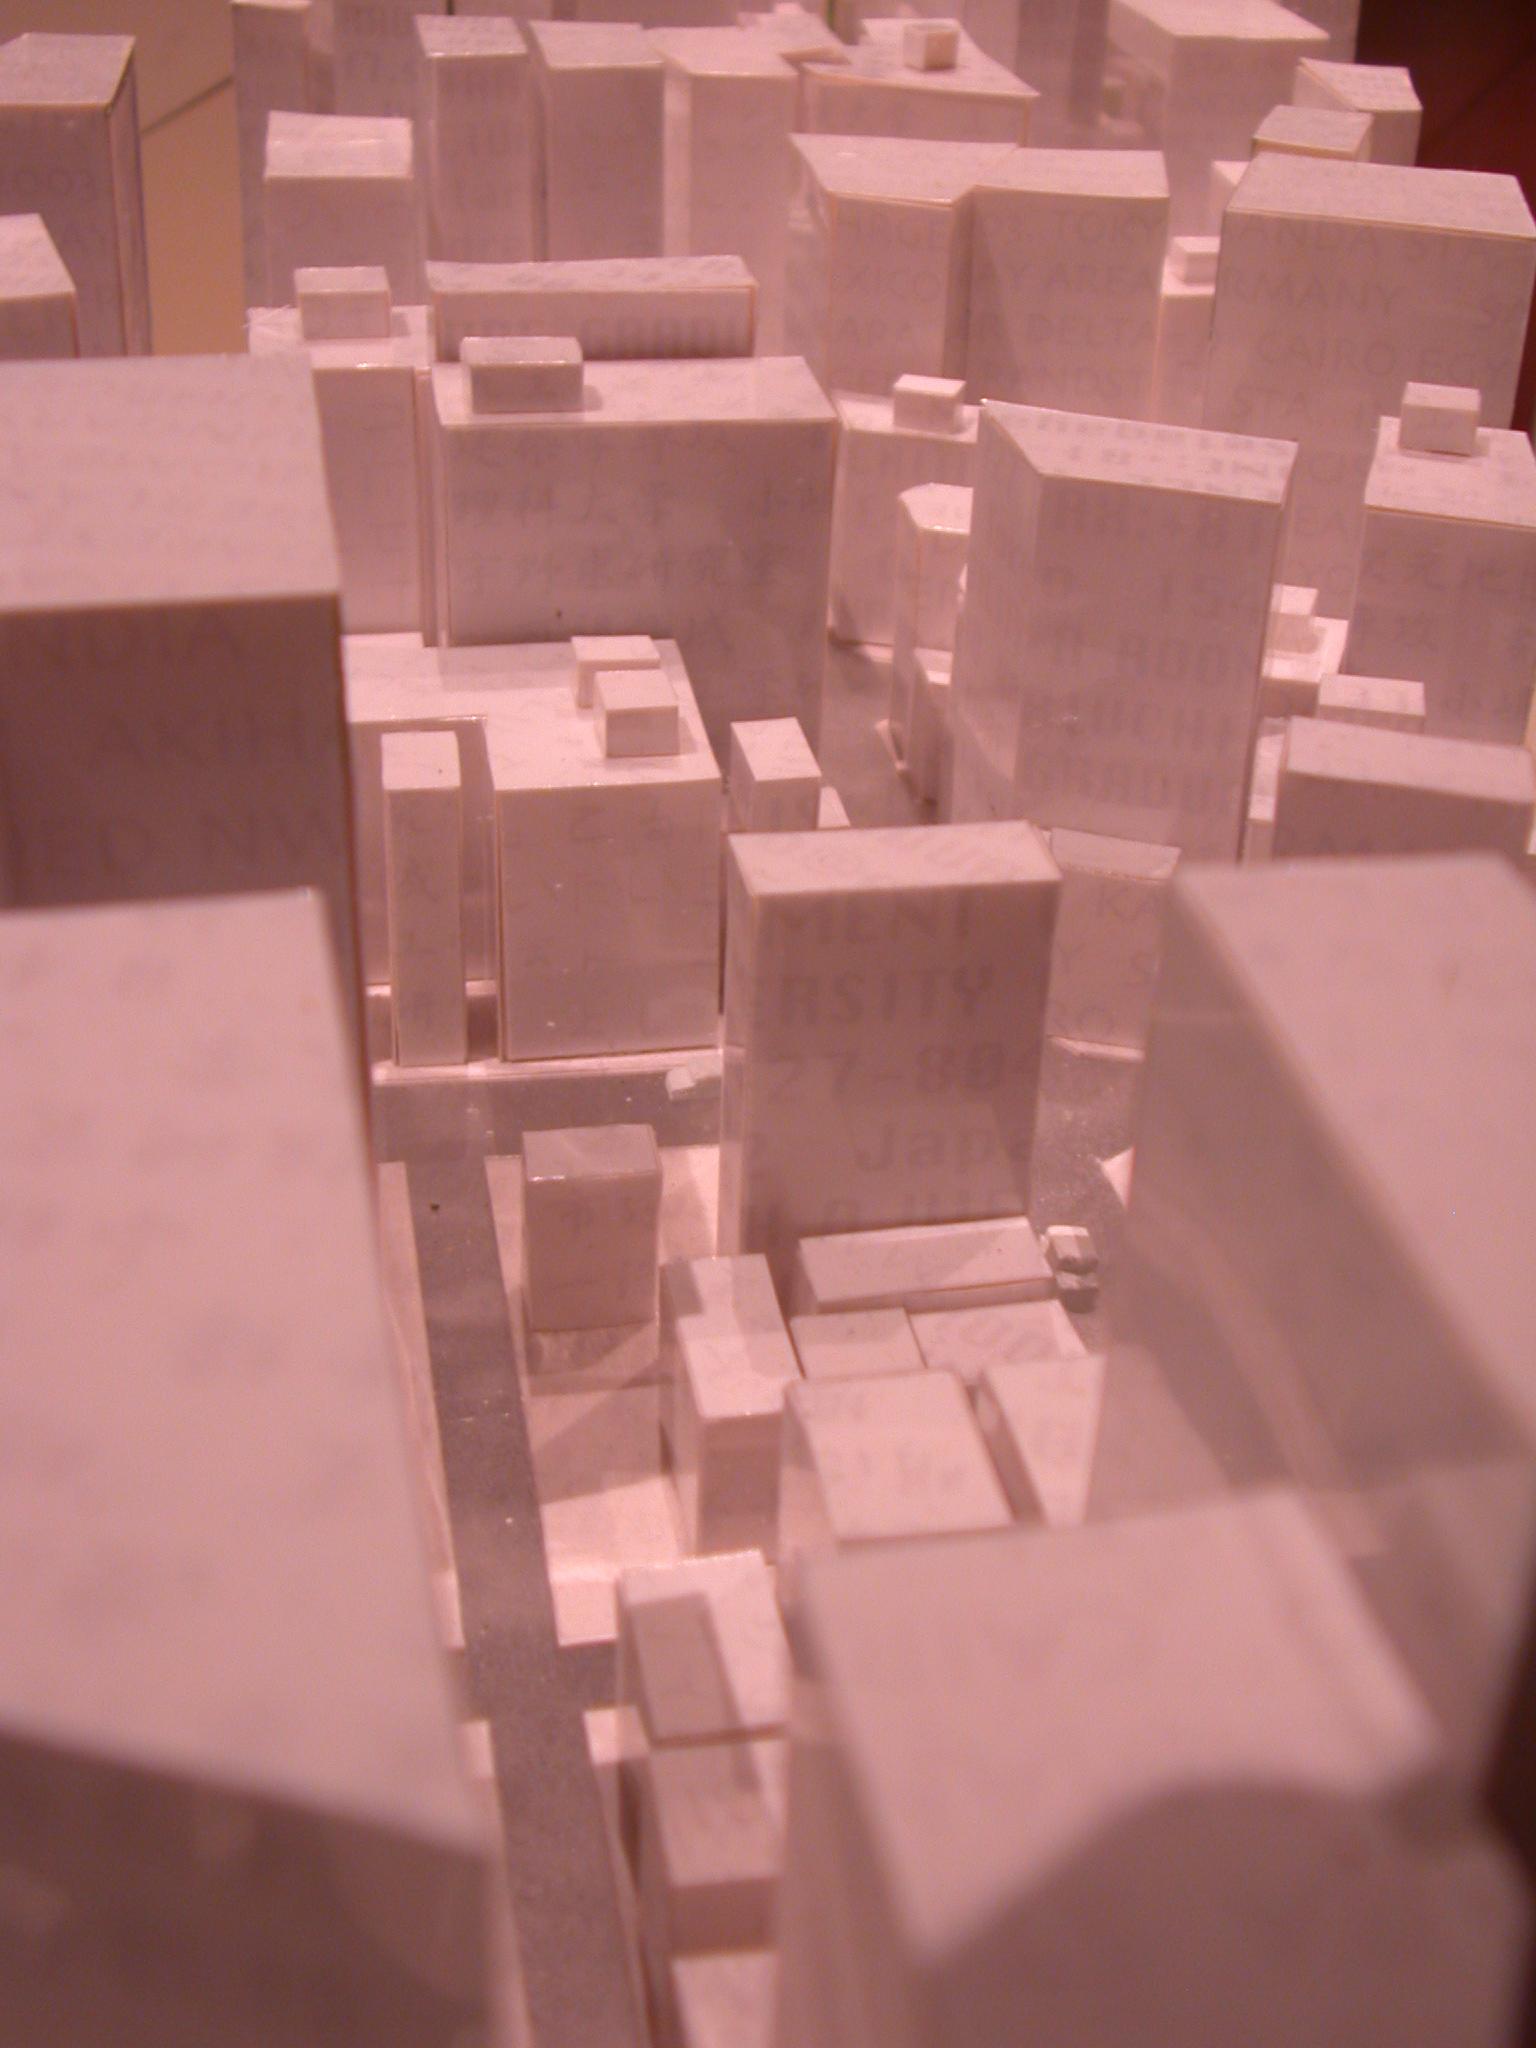 maquette architecture exteriors city cityscape flats art sculptures white boxes